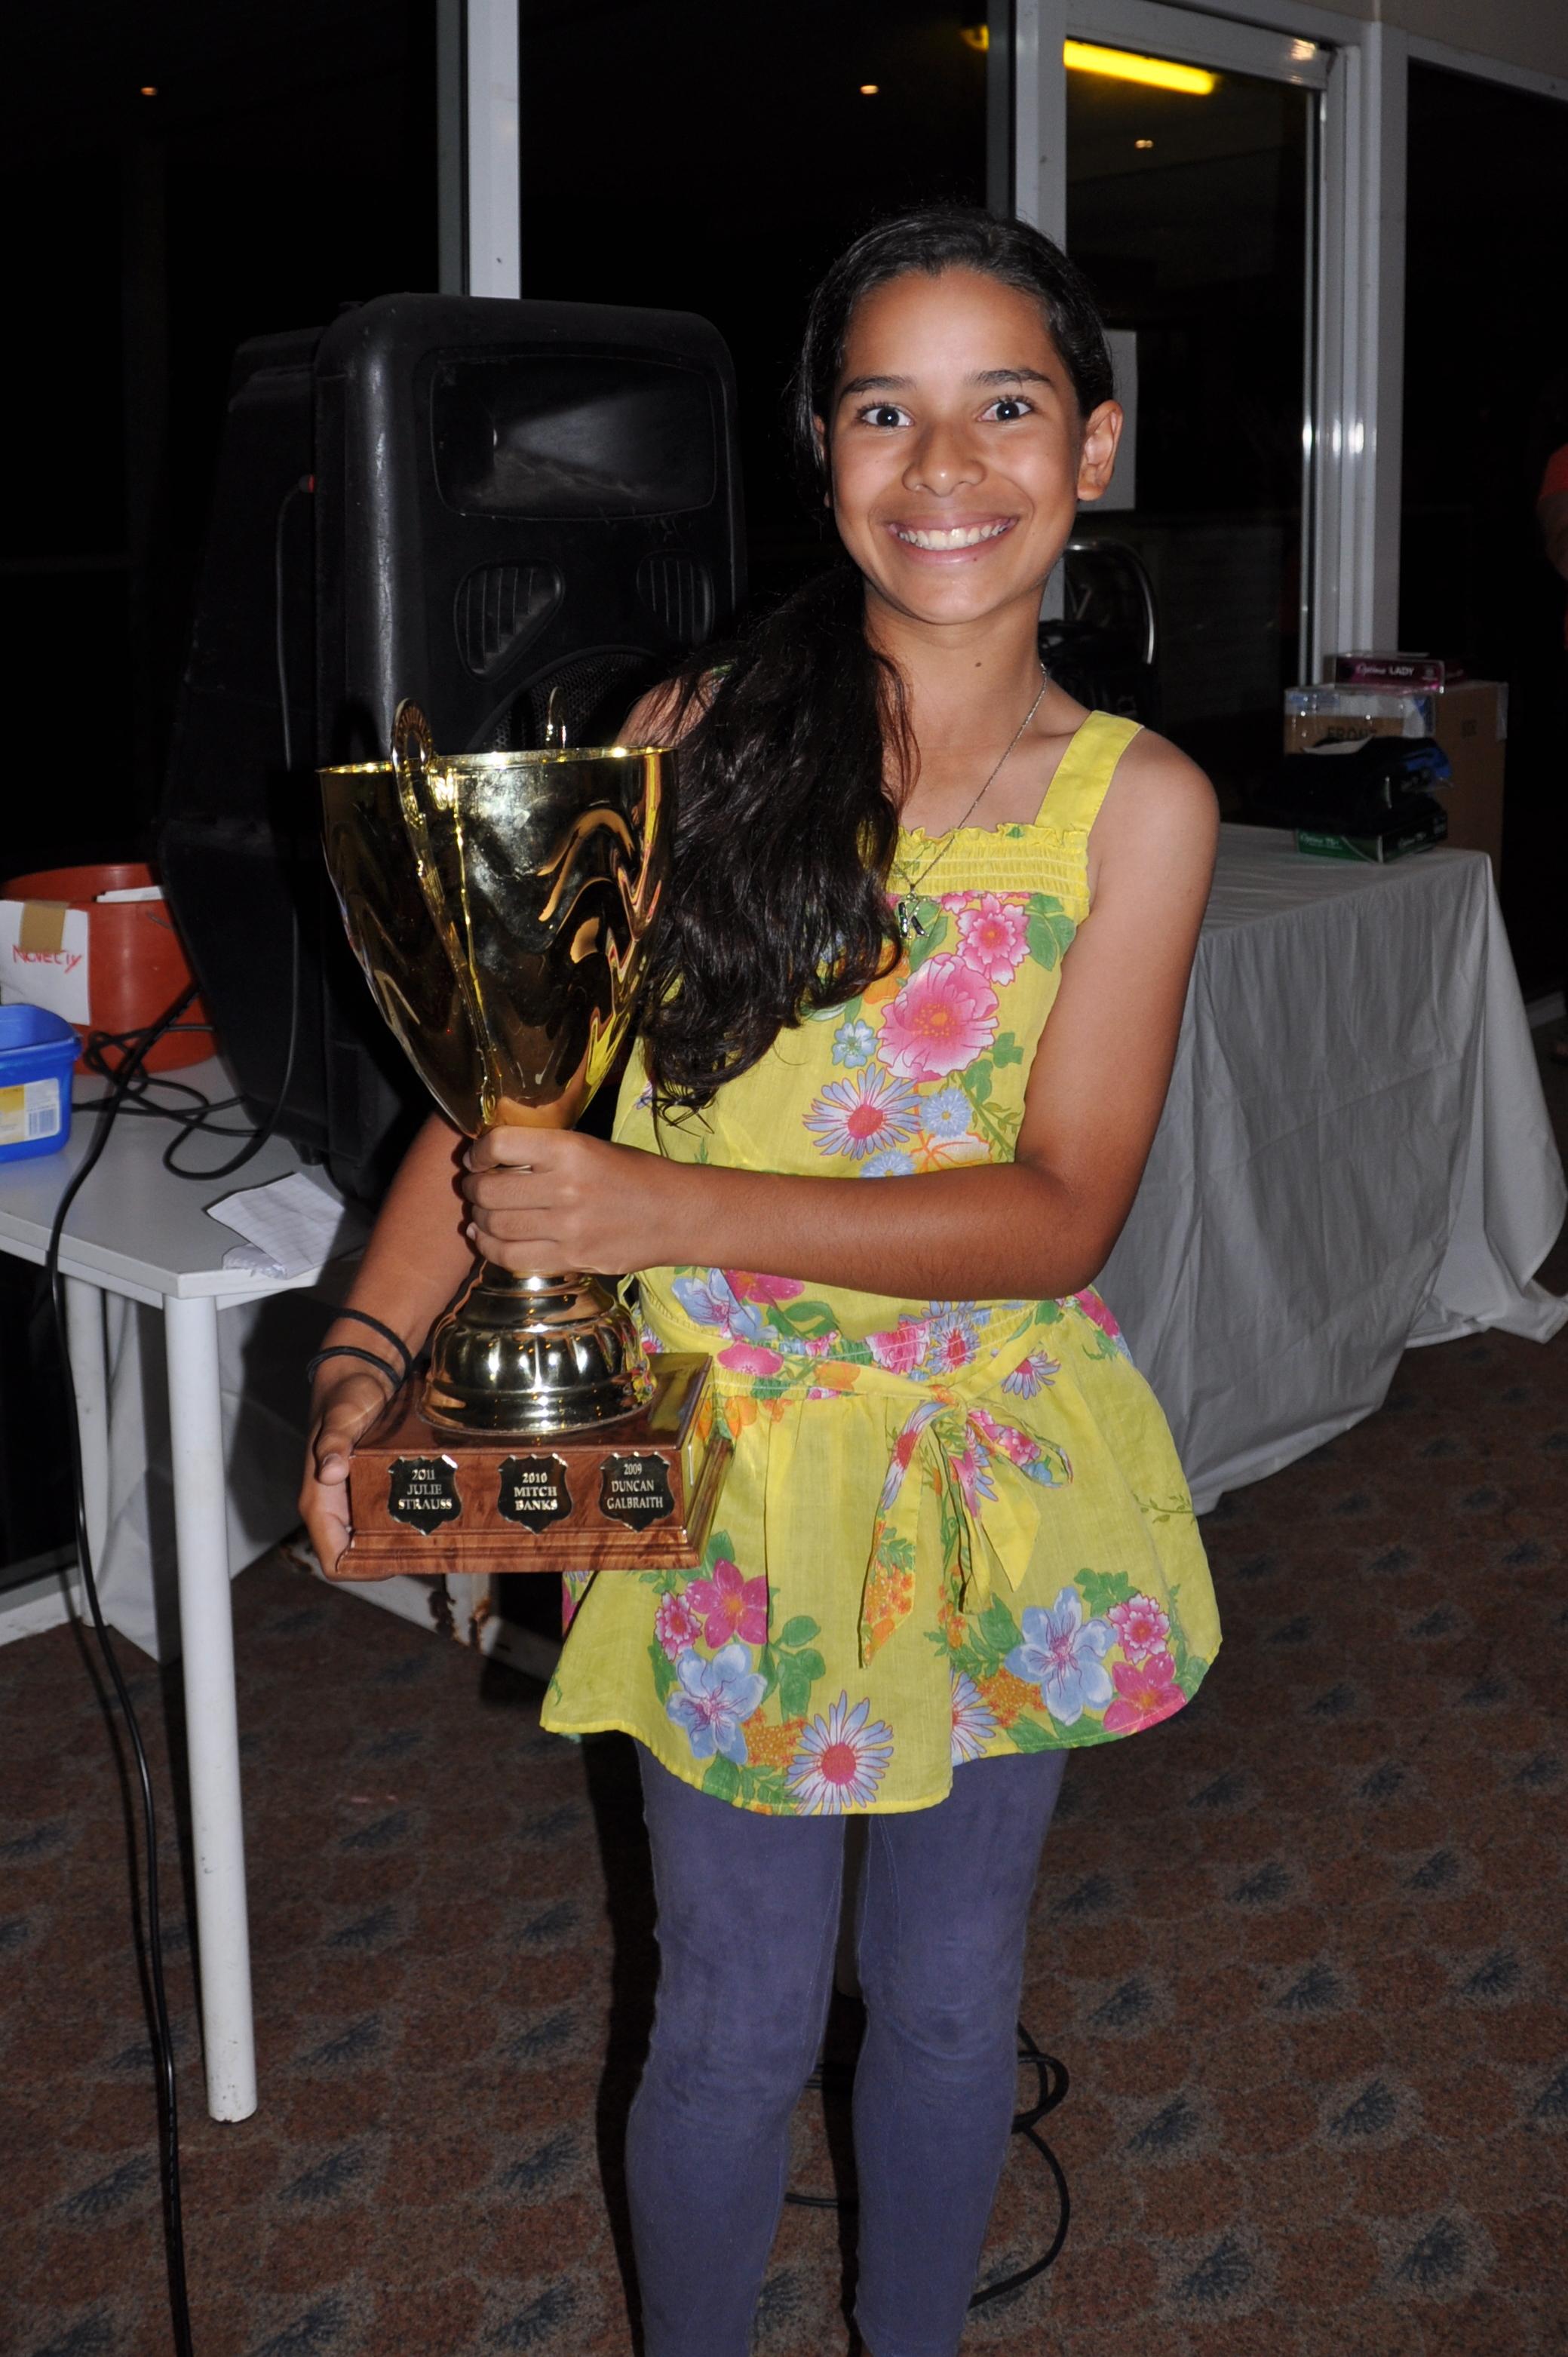 2013 Gove Open Winner Katelyn Rika